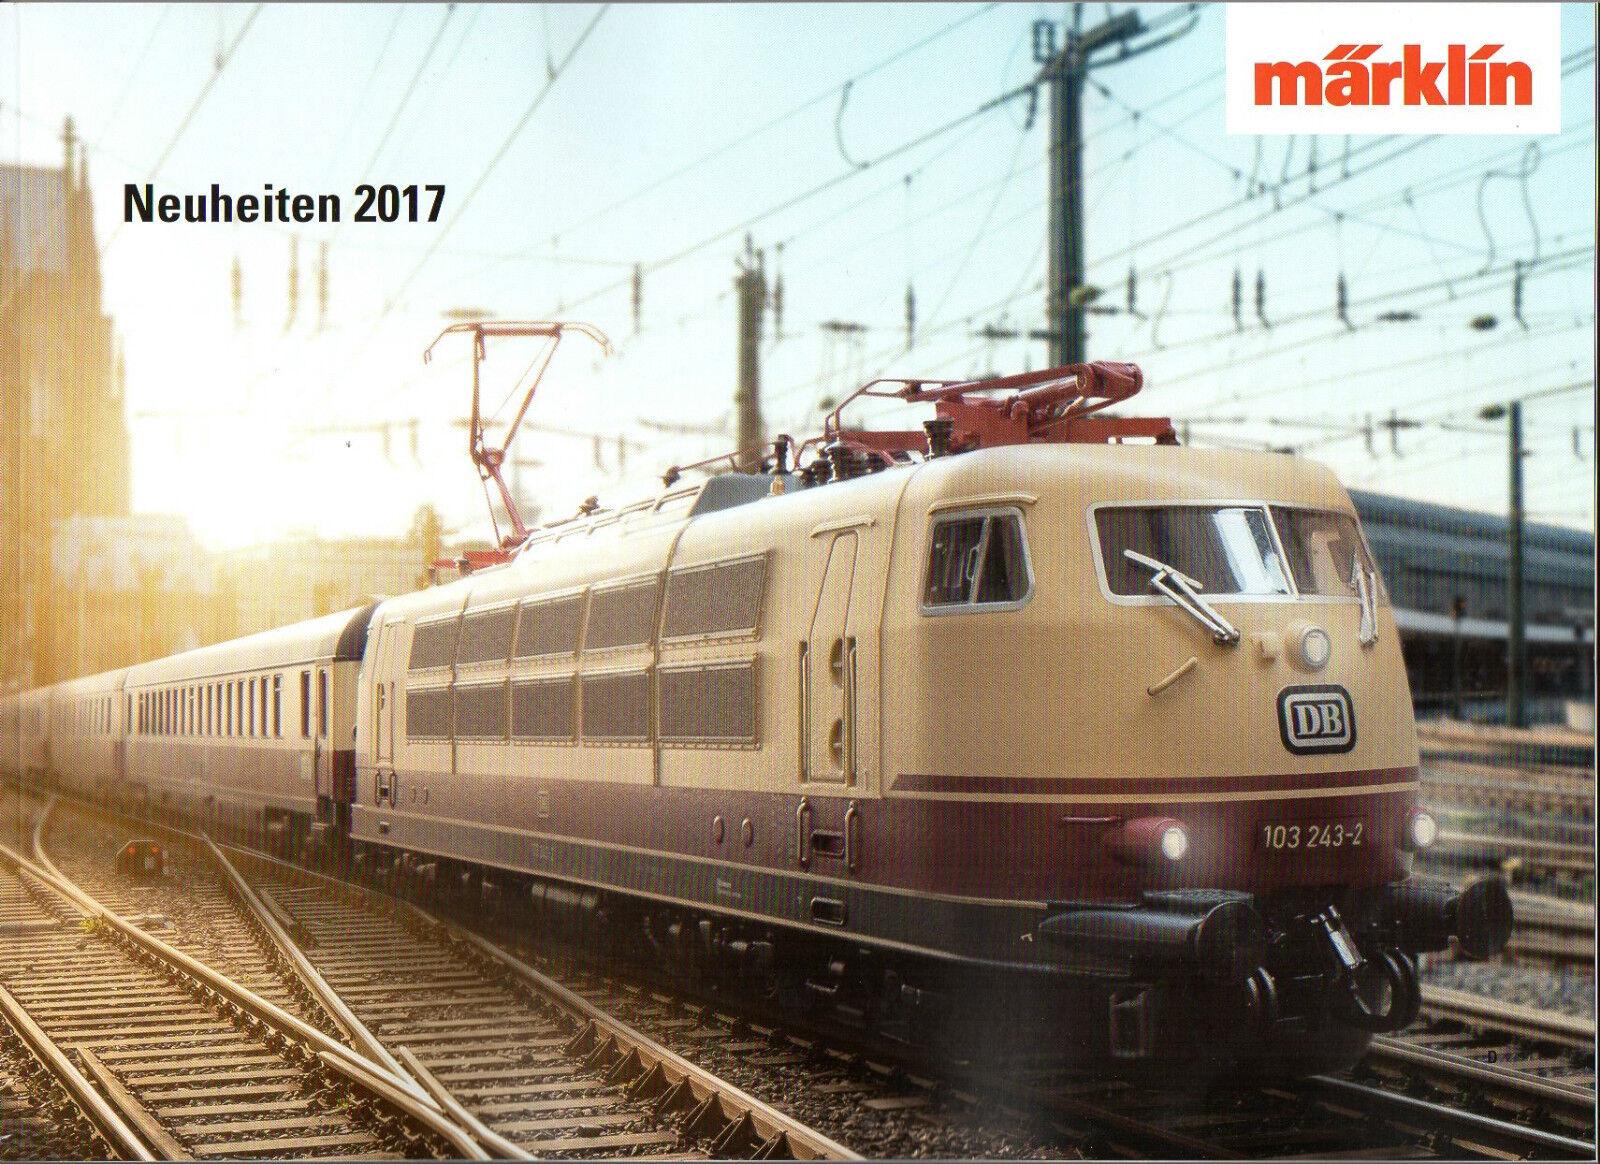 MÄRKLIN NEUHEITEN PROSPEKT 2017 für H0, Z & 1 - MARKLIN NEW ITEMS CATALG 2017